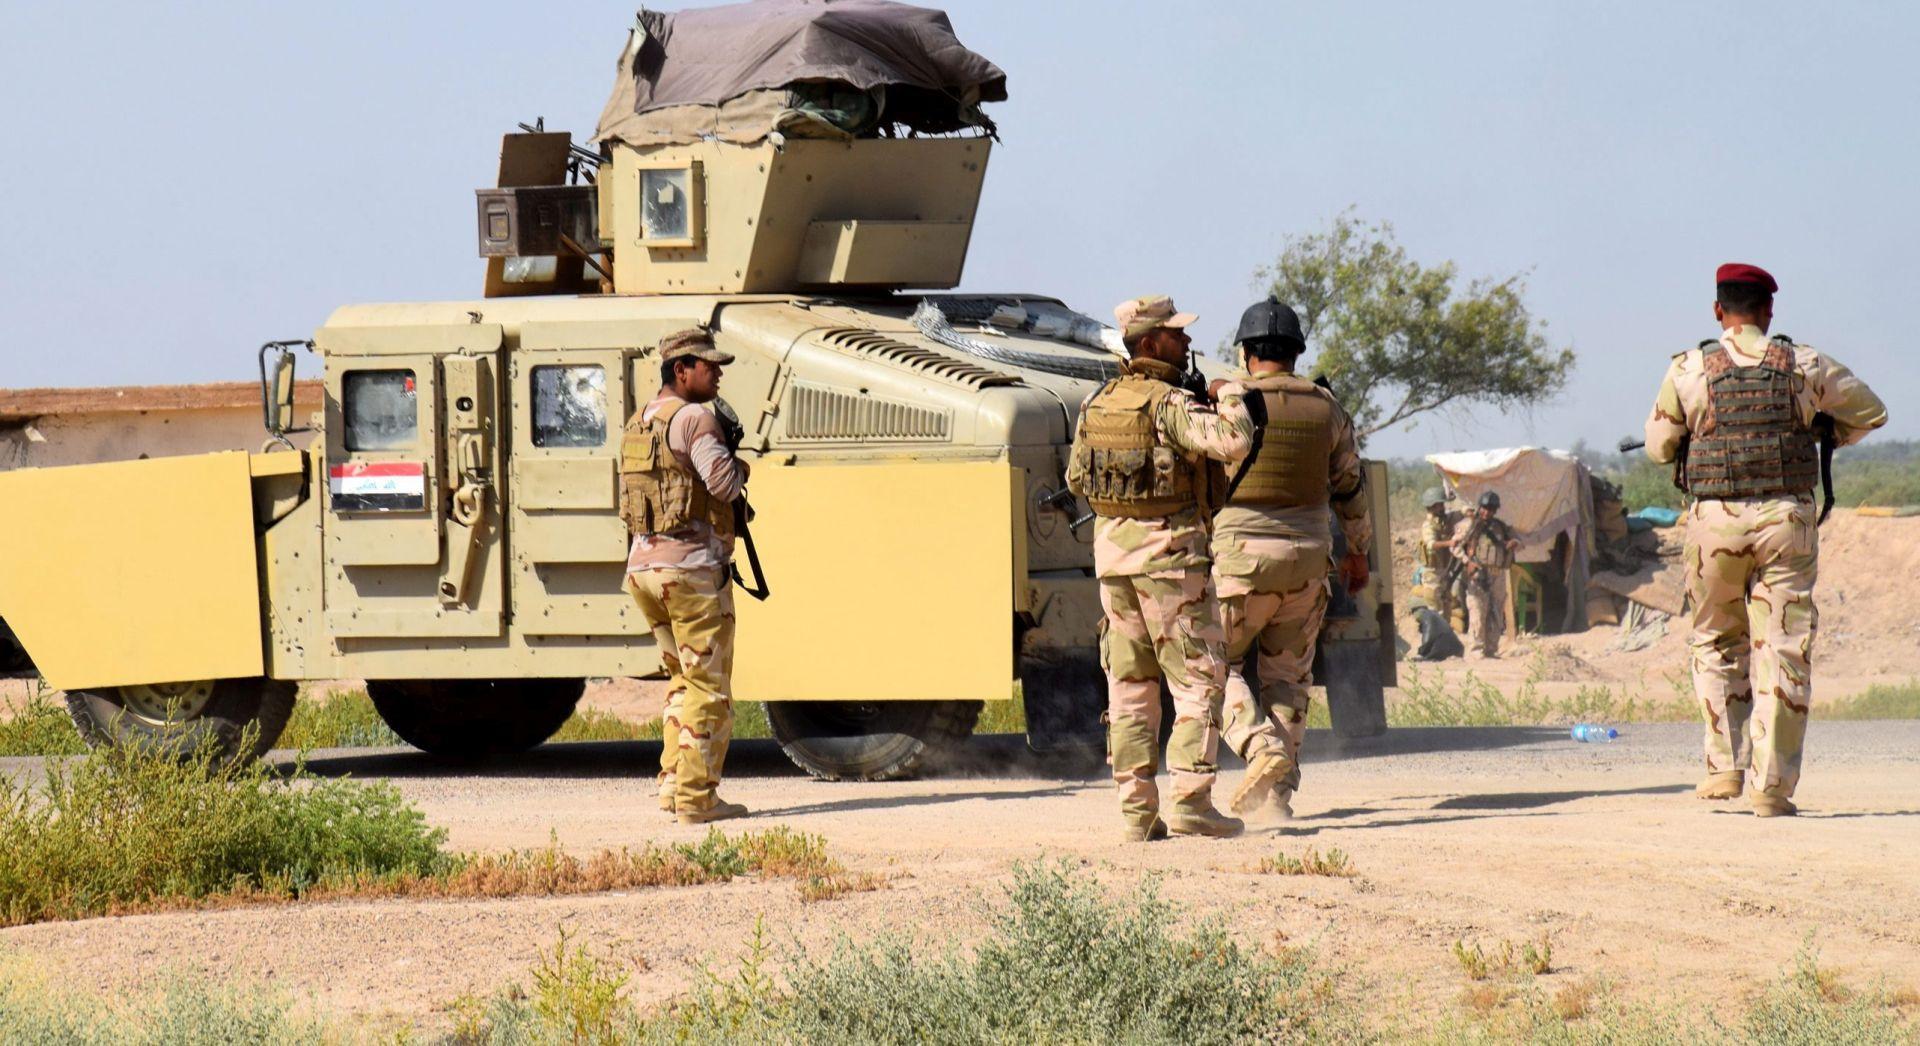 Iračke snage oslobodile Kajaru, grad blizu Mosula